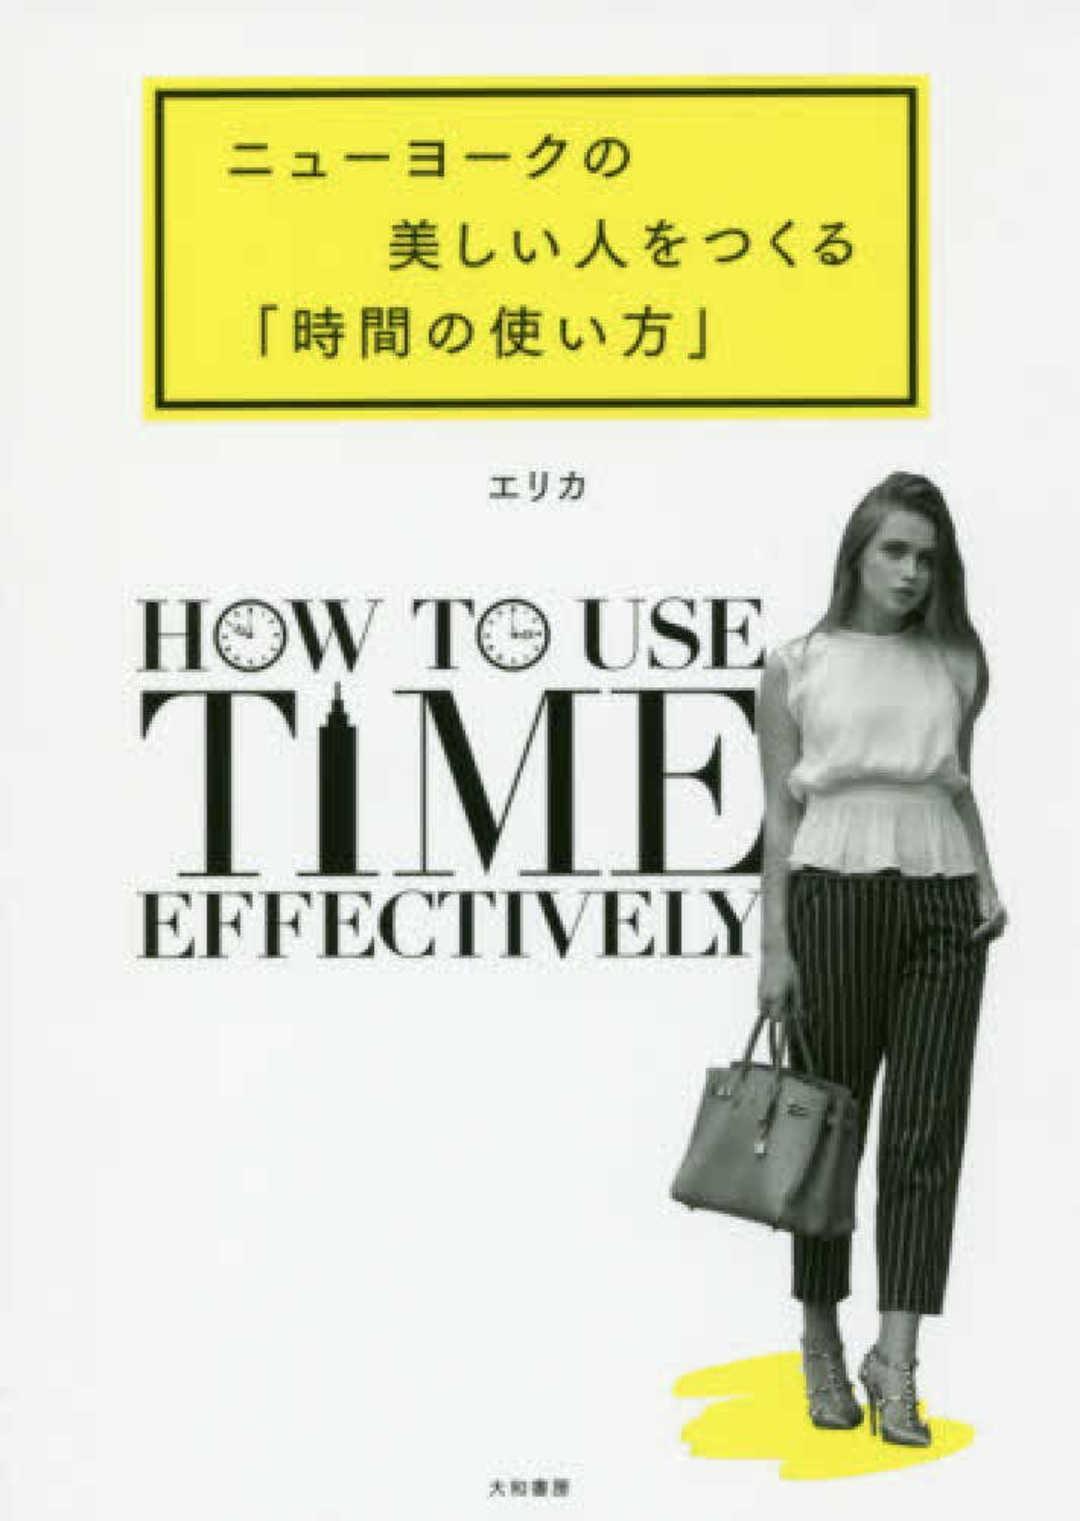 超一流女性が実践する「時間の使い方」って?